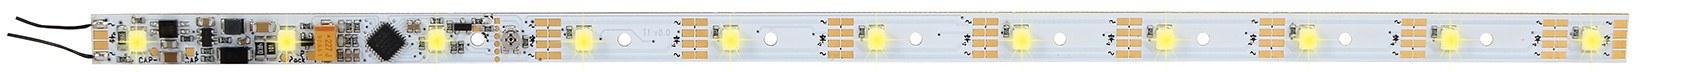 14 - Réglette d'éclairage Viessmann avec décodeur et nombreuses fonctions intégrées. (photo Viessmann)